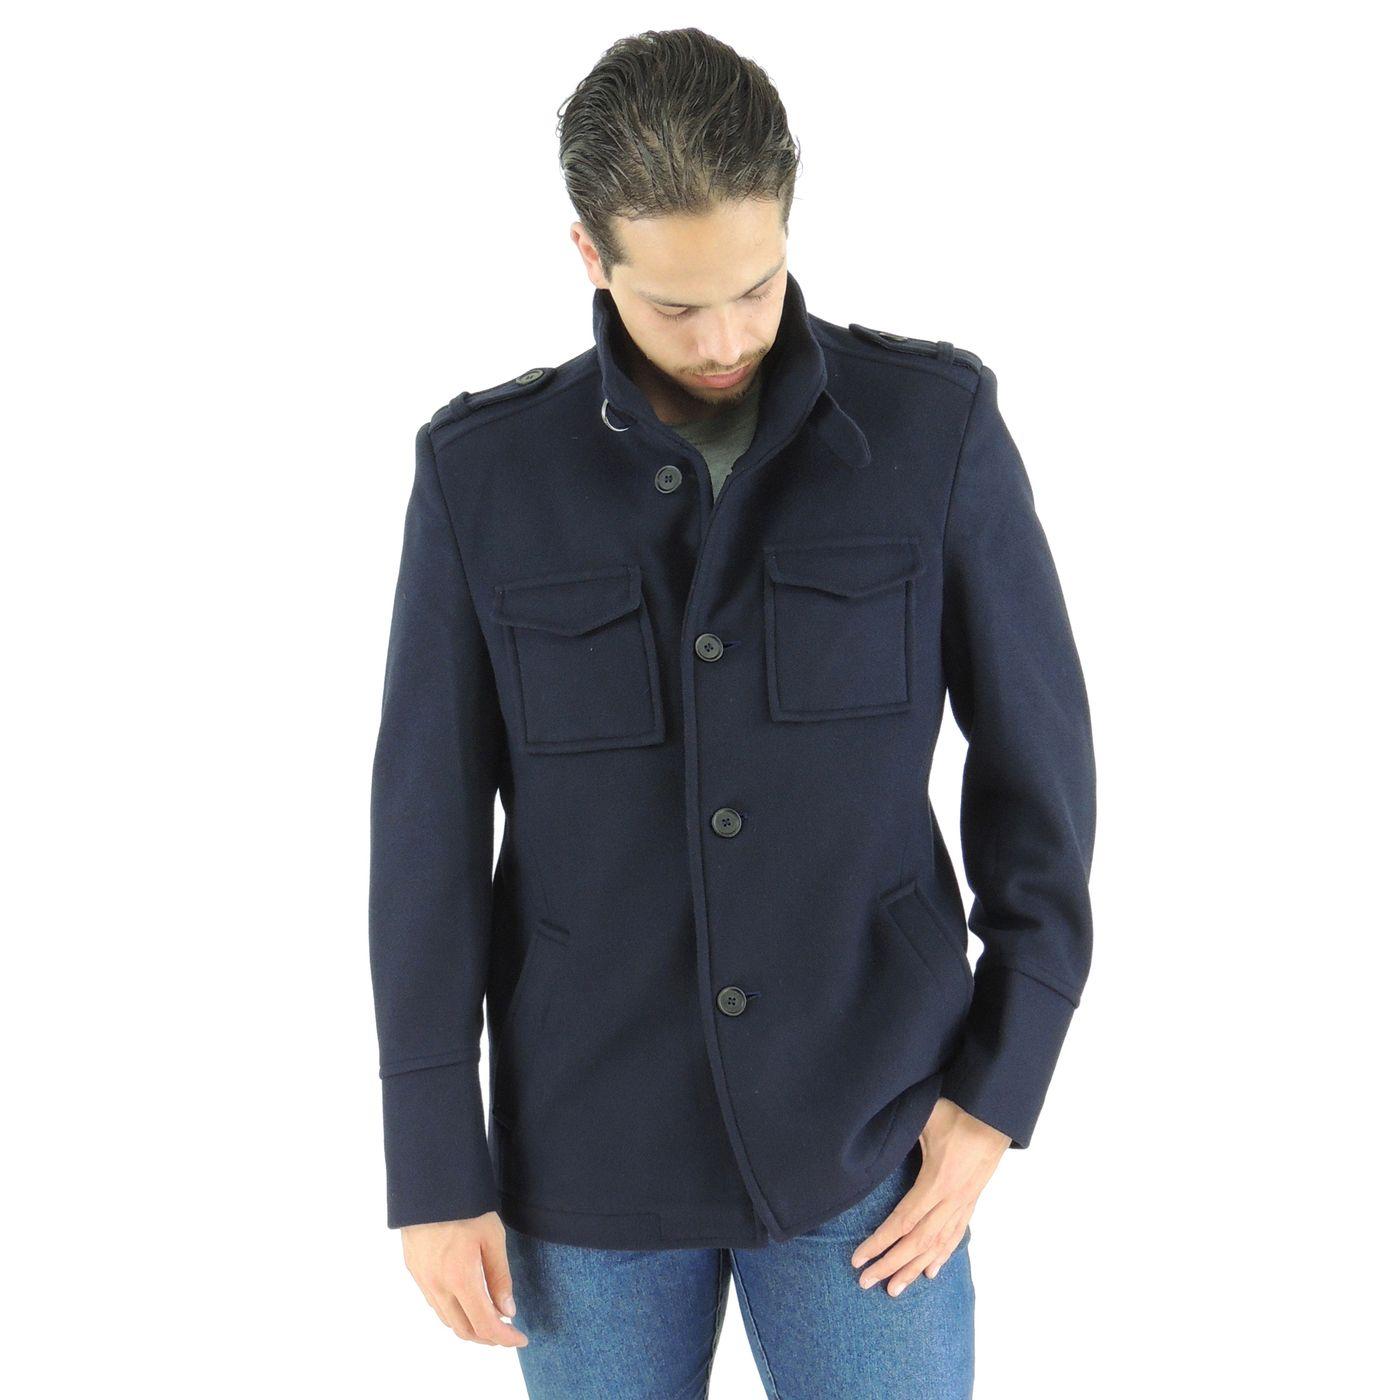 Casaco Masculino Oregon em lã uruguaia Premium - fieroshop bd0047ad4d2dc